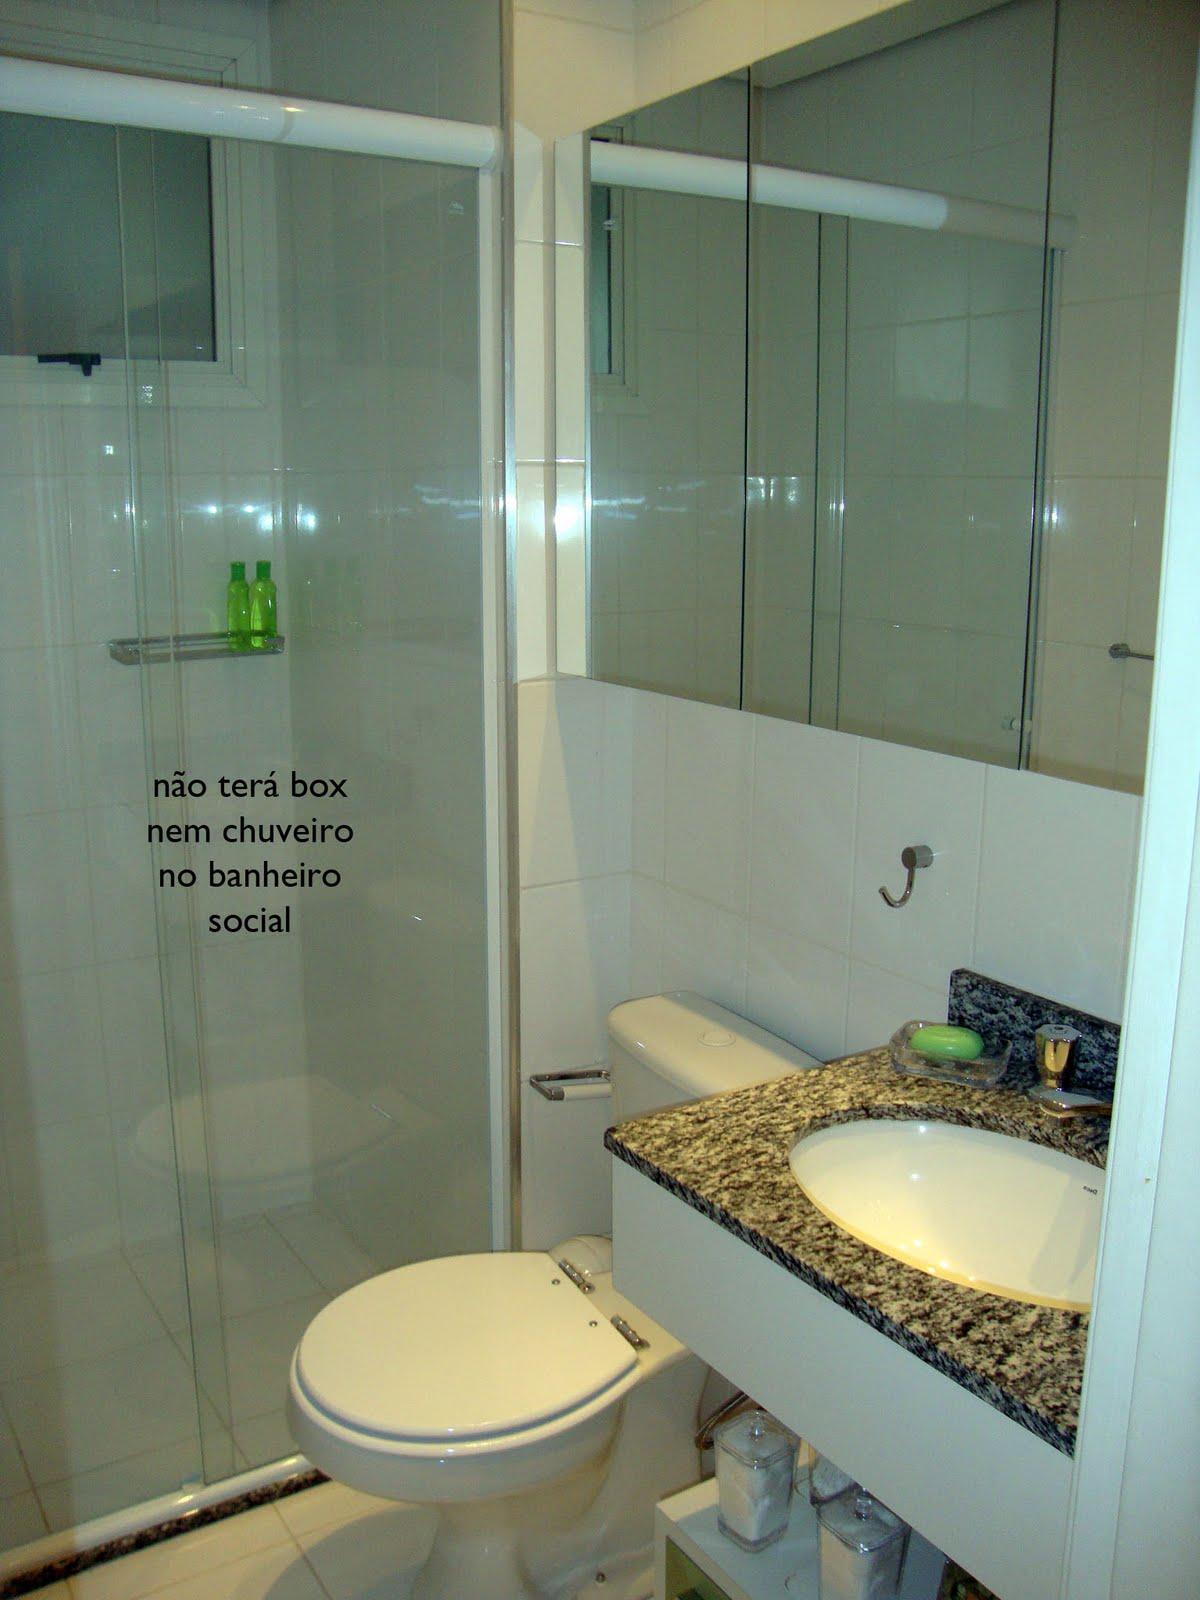 Banheiro Social X Banheiro da Suíte Comprando Meu Apê Comprando  #887F43 1200 1600